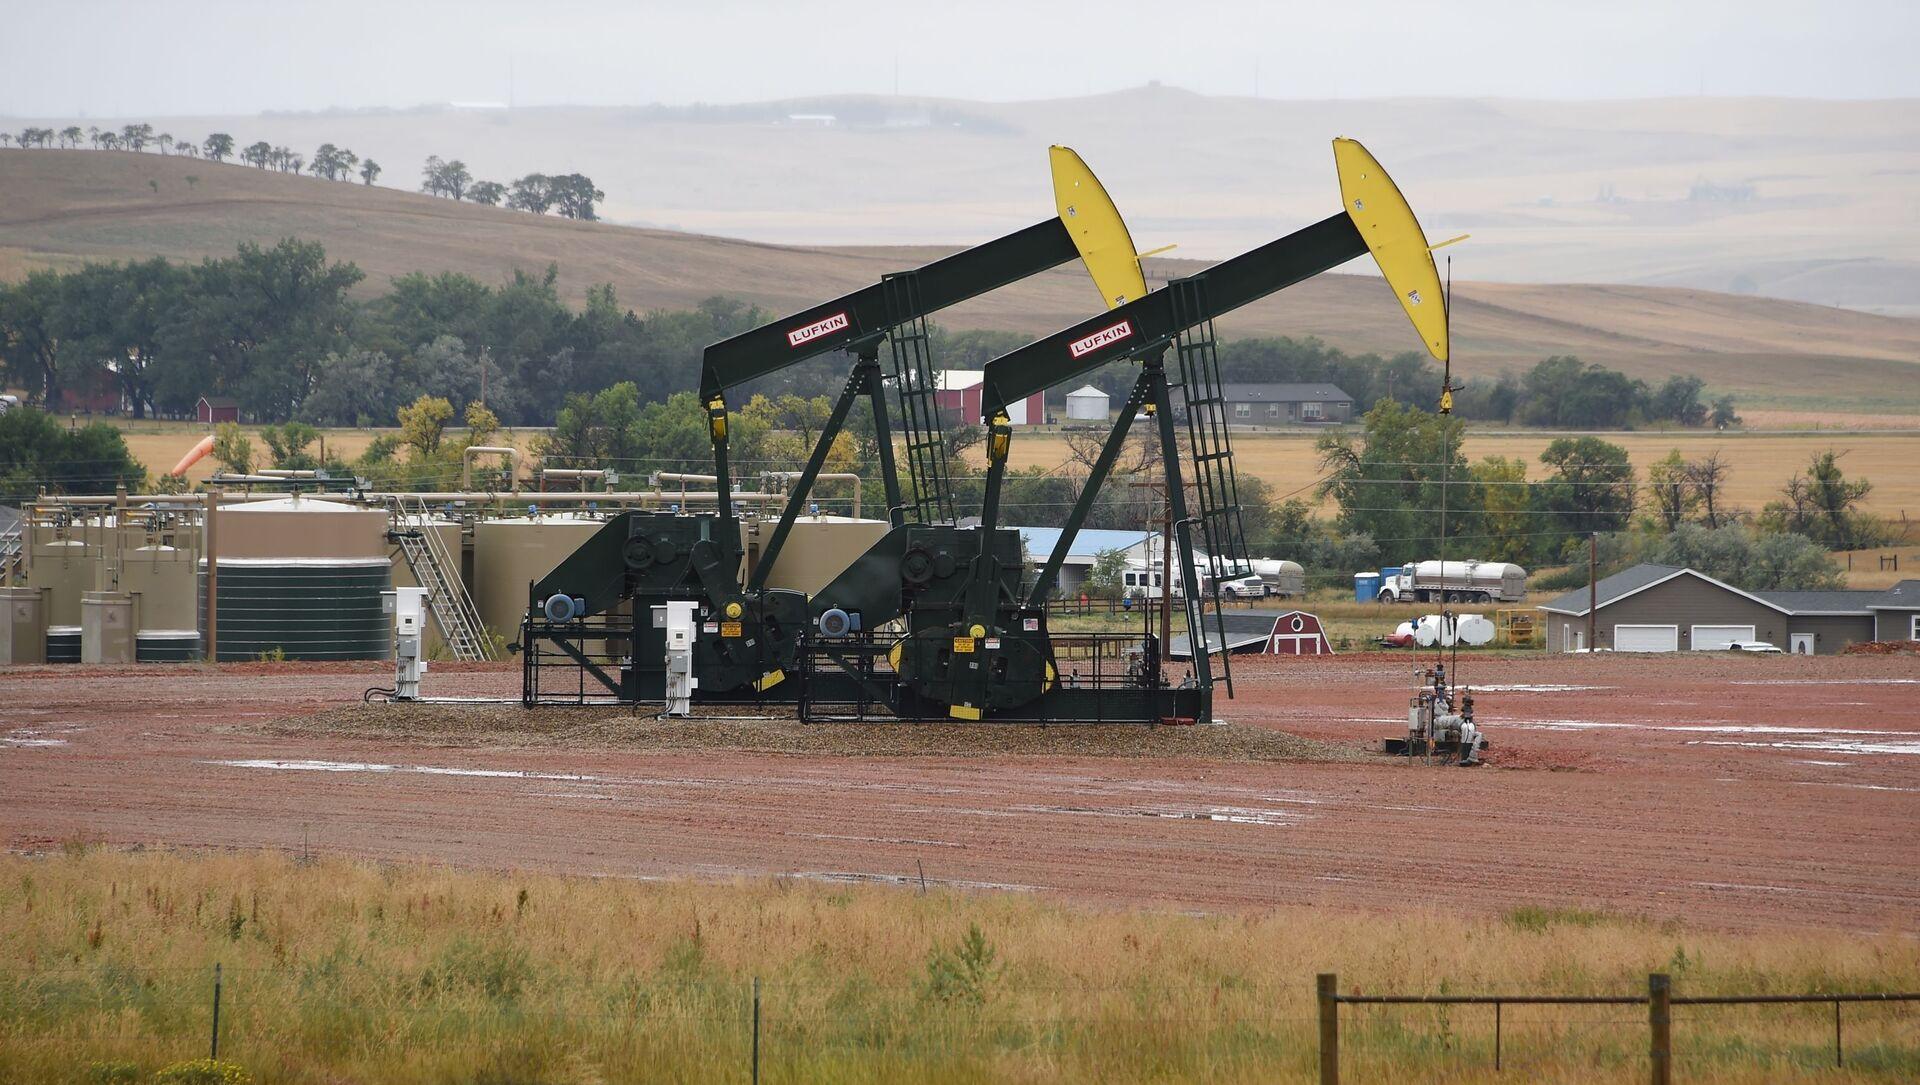 Těžba břidlicové ropy v USA. Ilustrační foto - Sputnik Česká republika, 1920, 25.03.2021